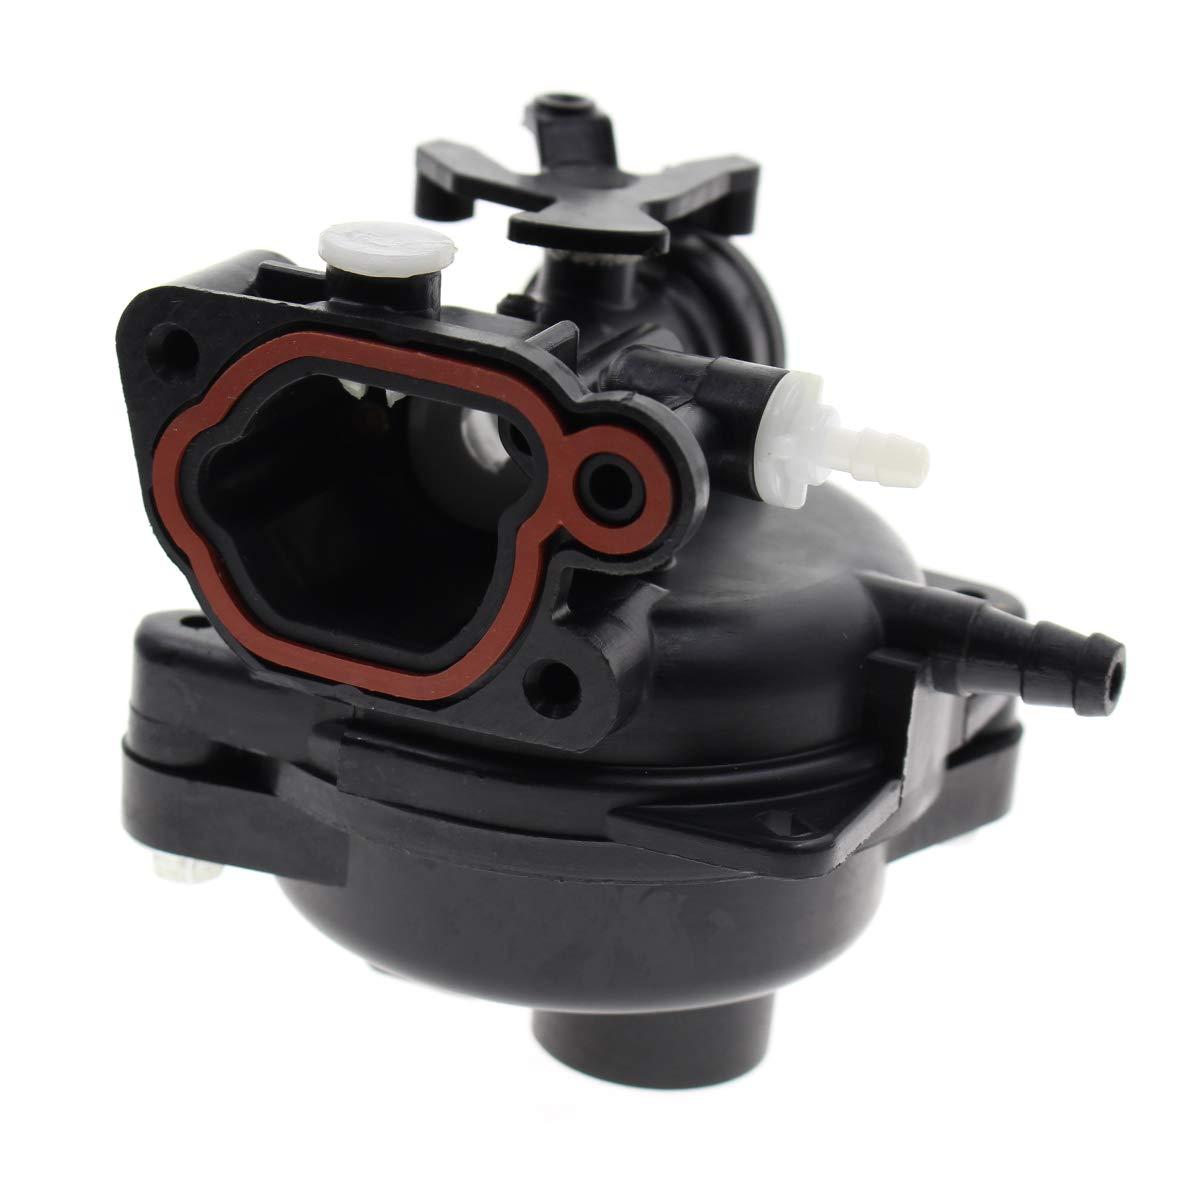 Amazon.com: AUTOKAY 591160 Filtro de aire para carburador ...